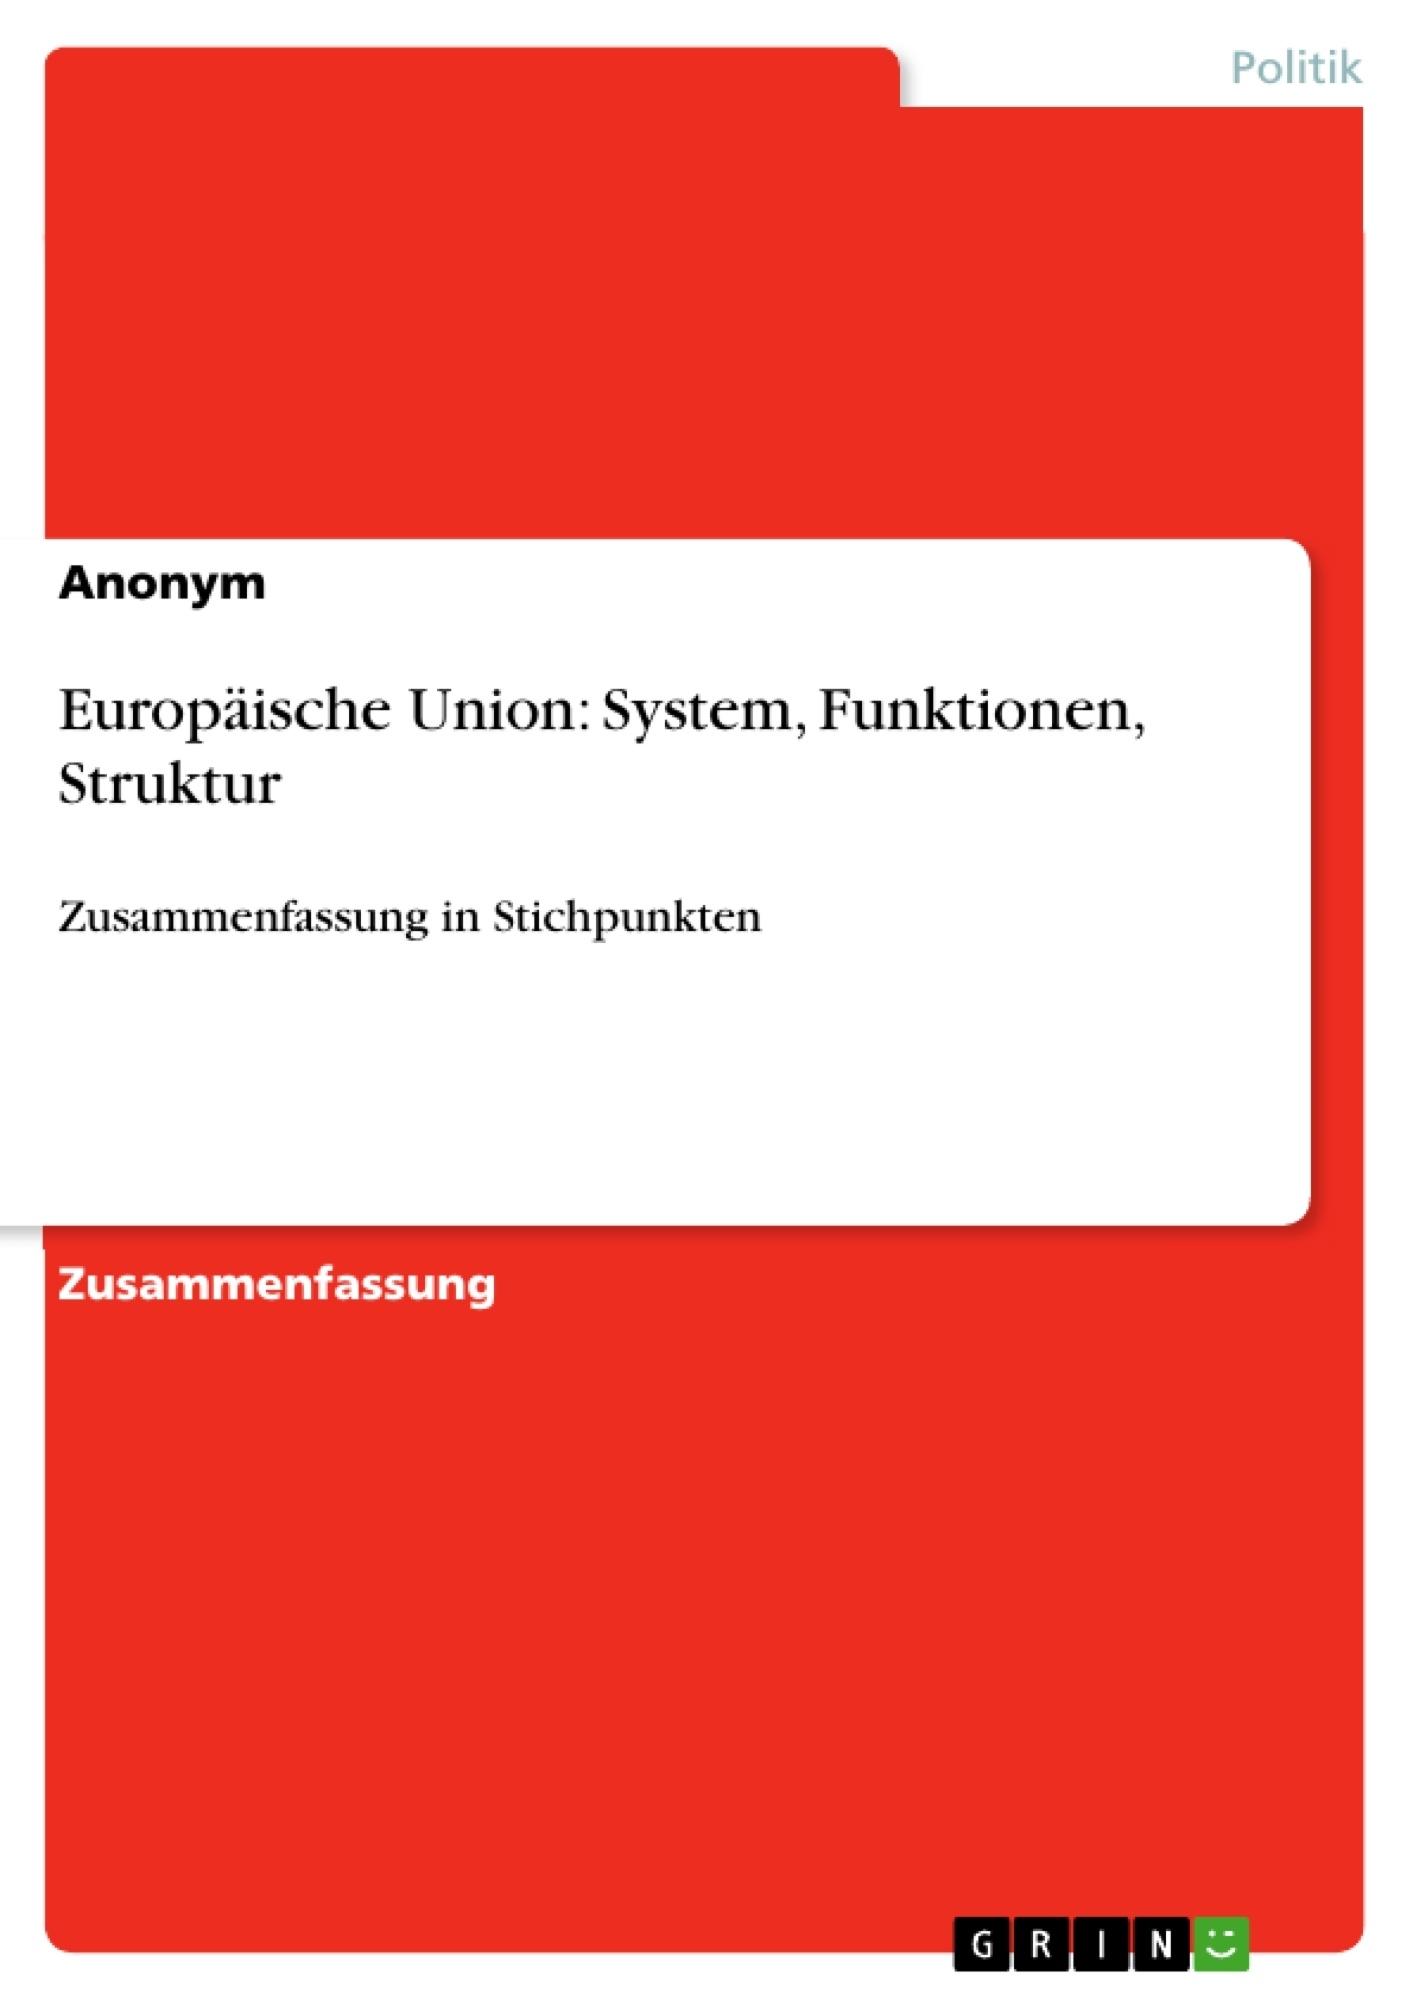 Titel: Europäische Union: System, Funktionen, Struktur